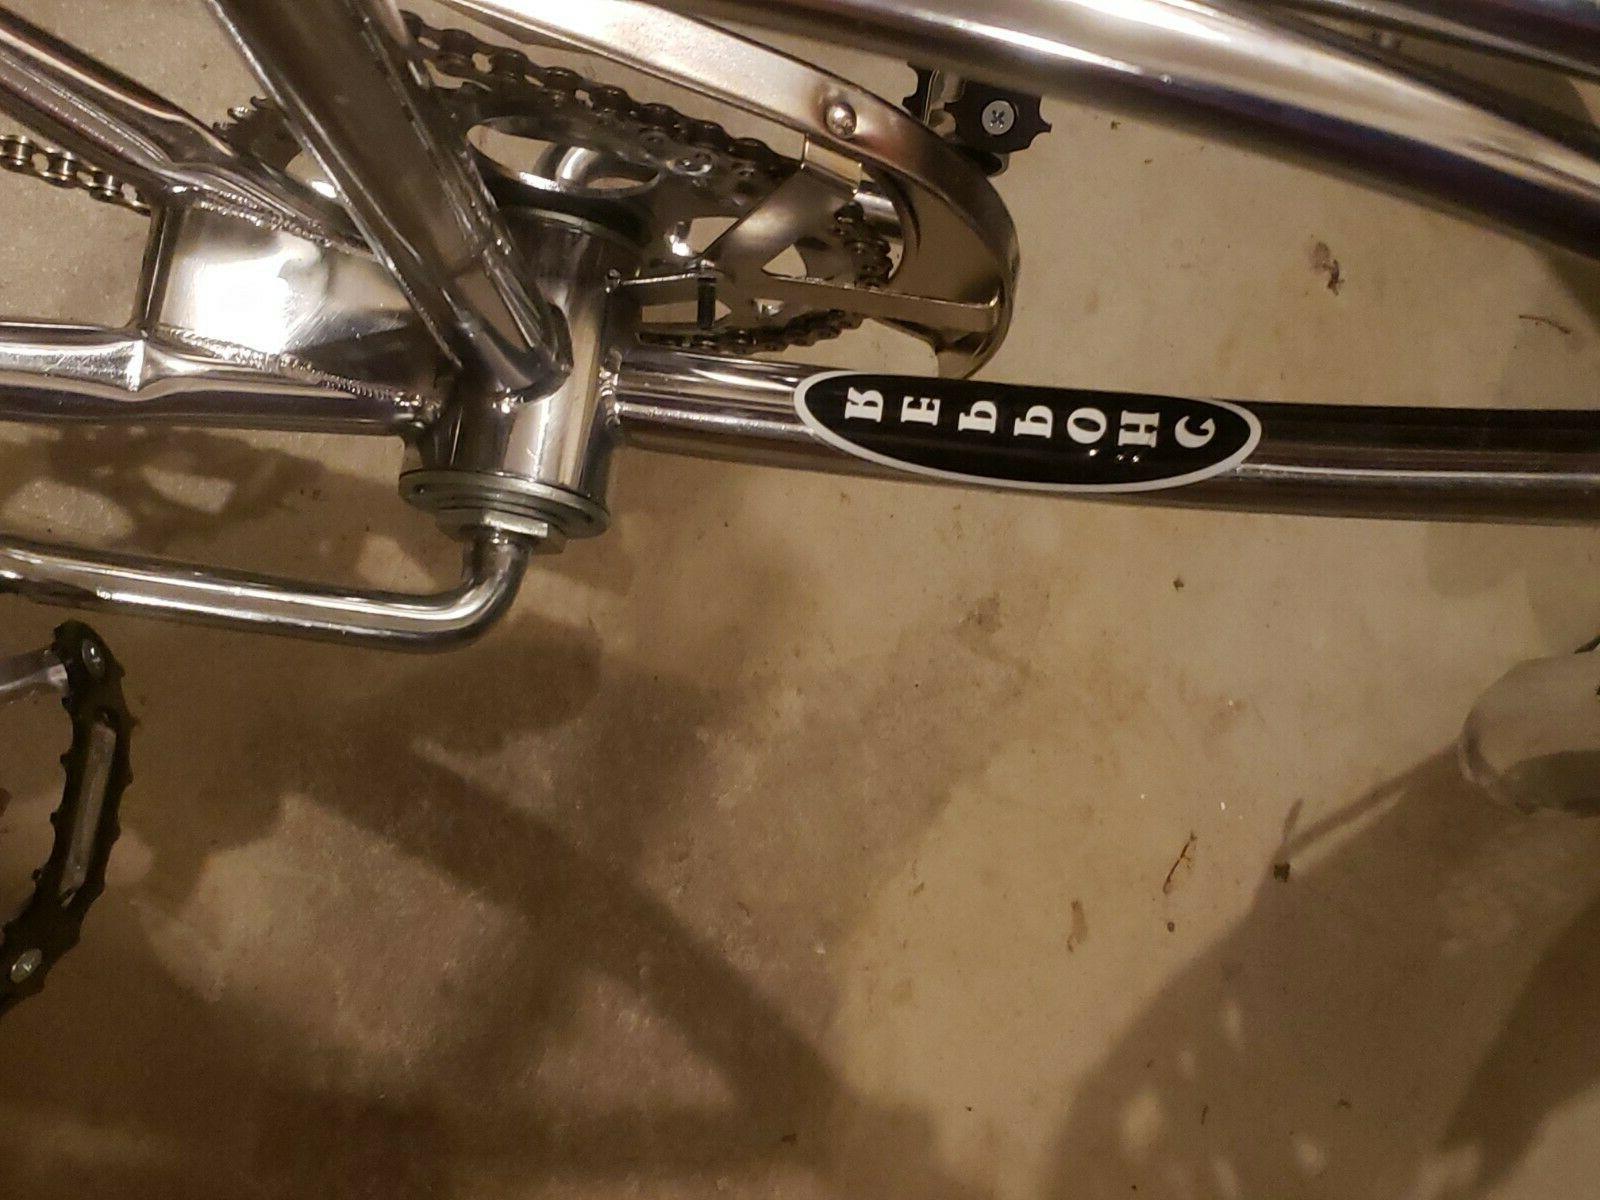 CHROME MOTOR CYCLE BIKE W NEW DIY